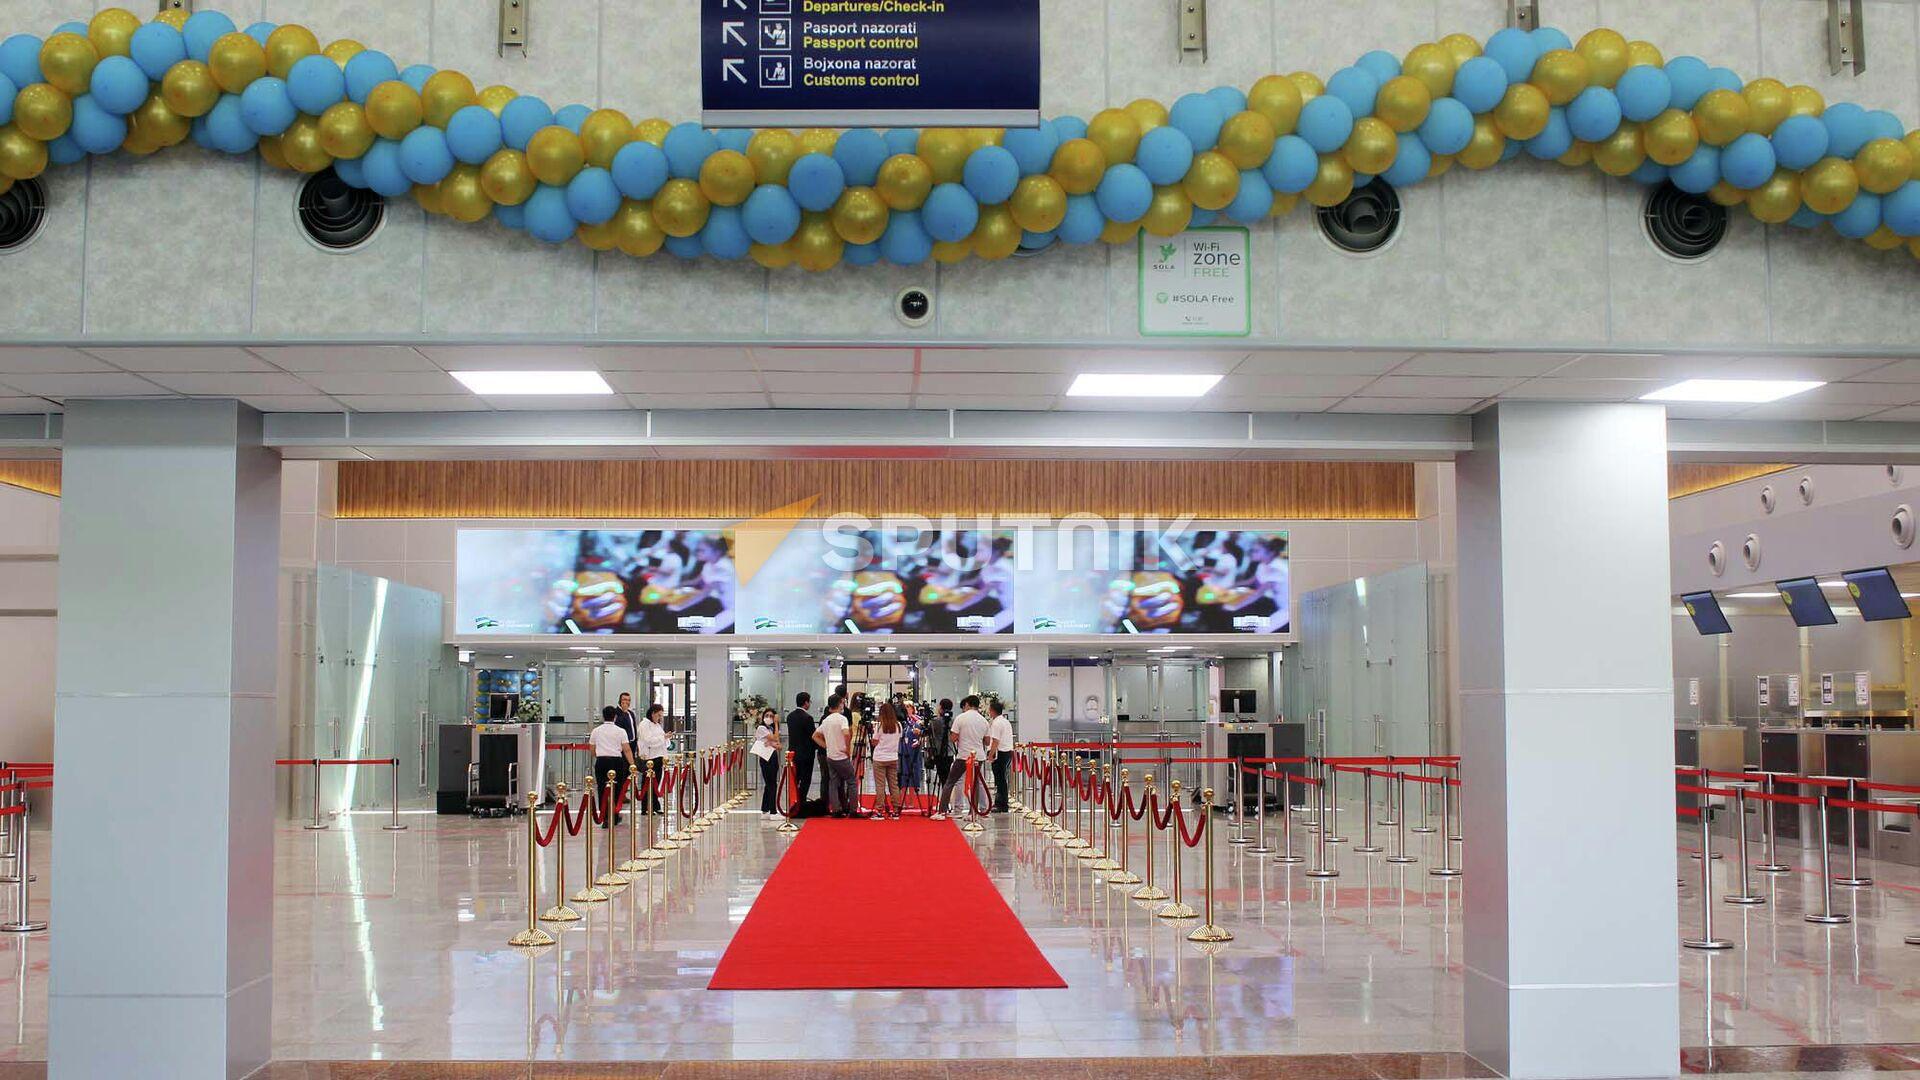 В аэропорту Ташкента открылся новый зал вылета - Sputnik Узбекистан, 1920, 03.09.2021